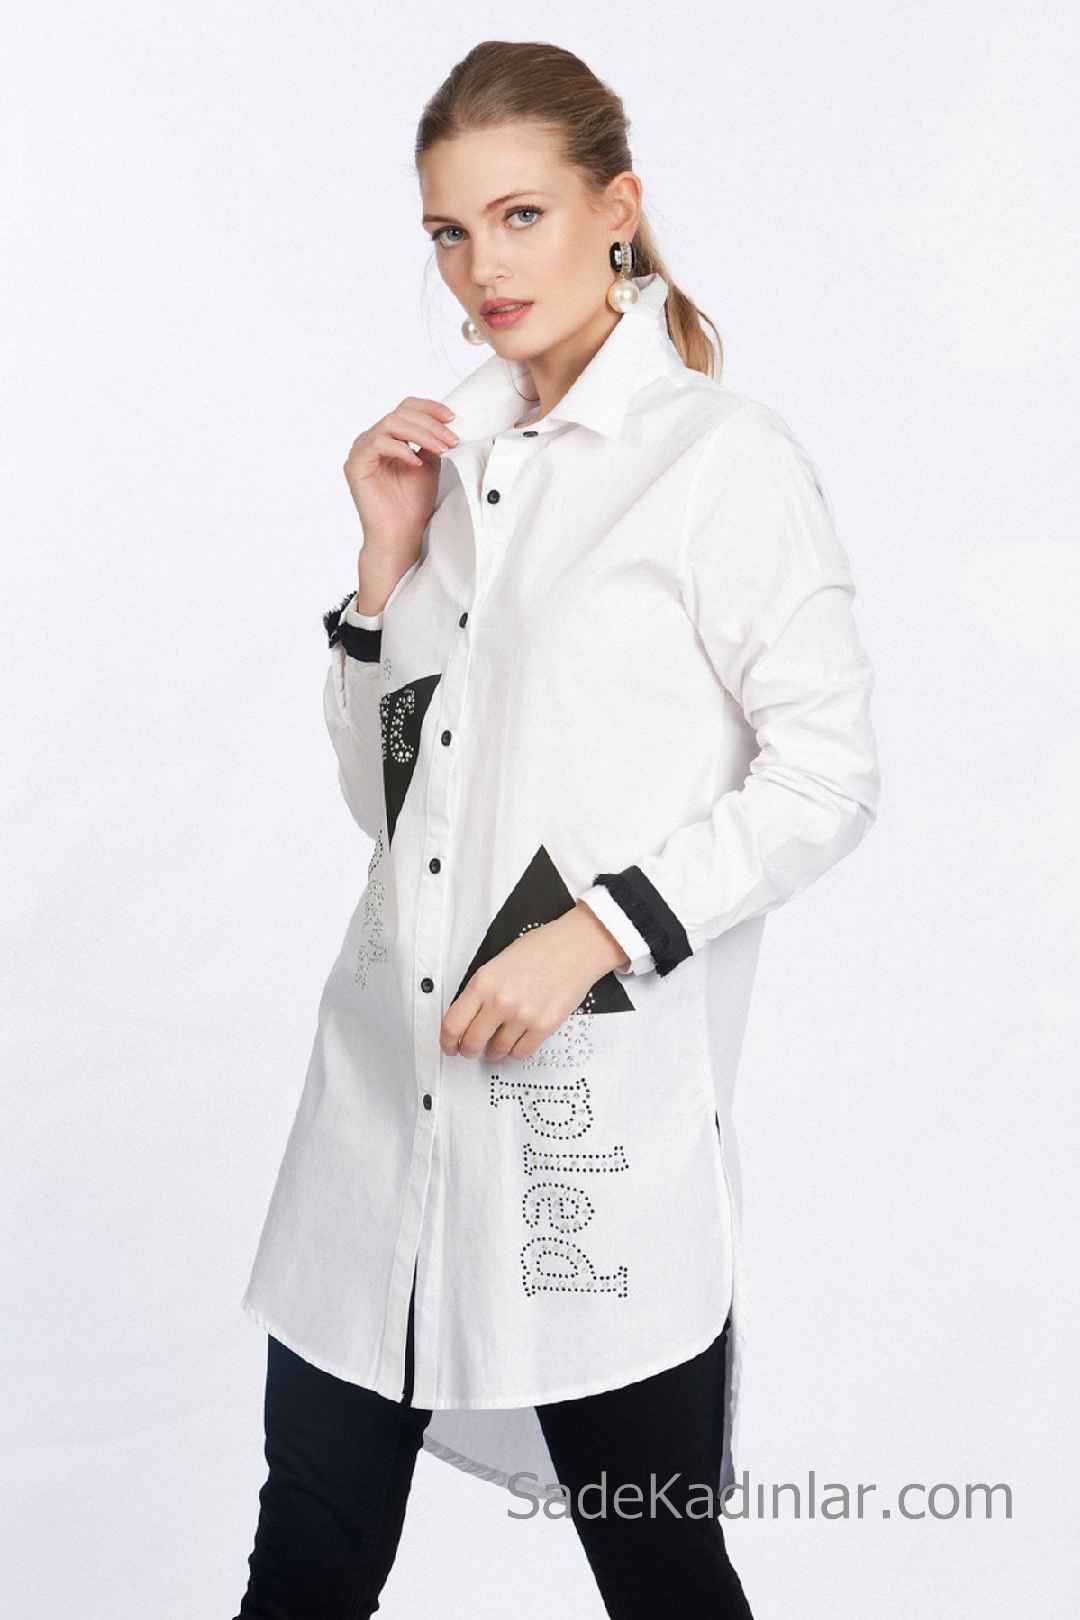 Tunik Gömlek Modelleri Beyaz Önden Düğmeli Kolları Şeritli Taş İşlemeli